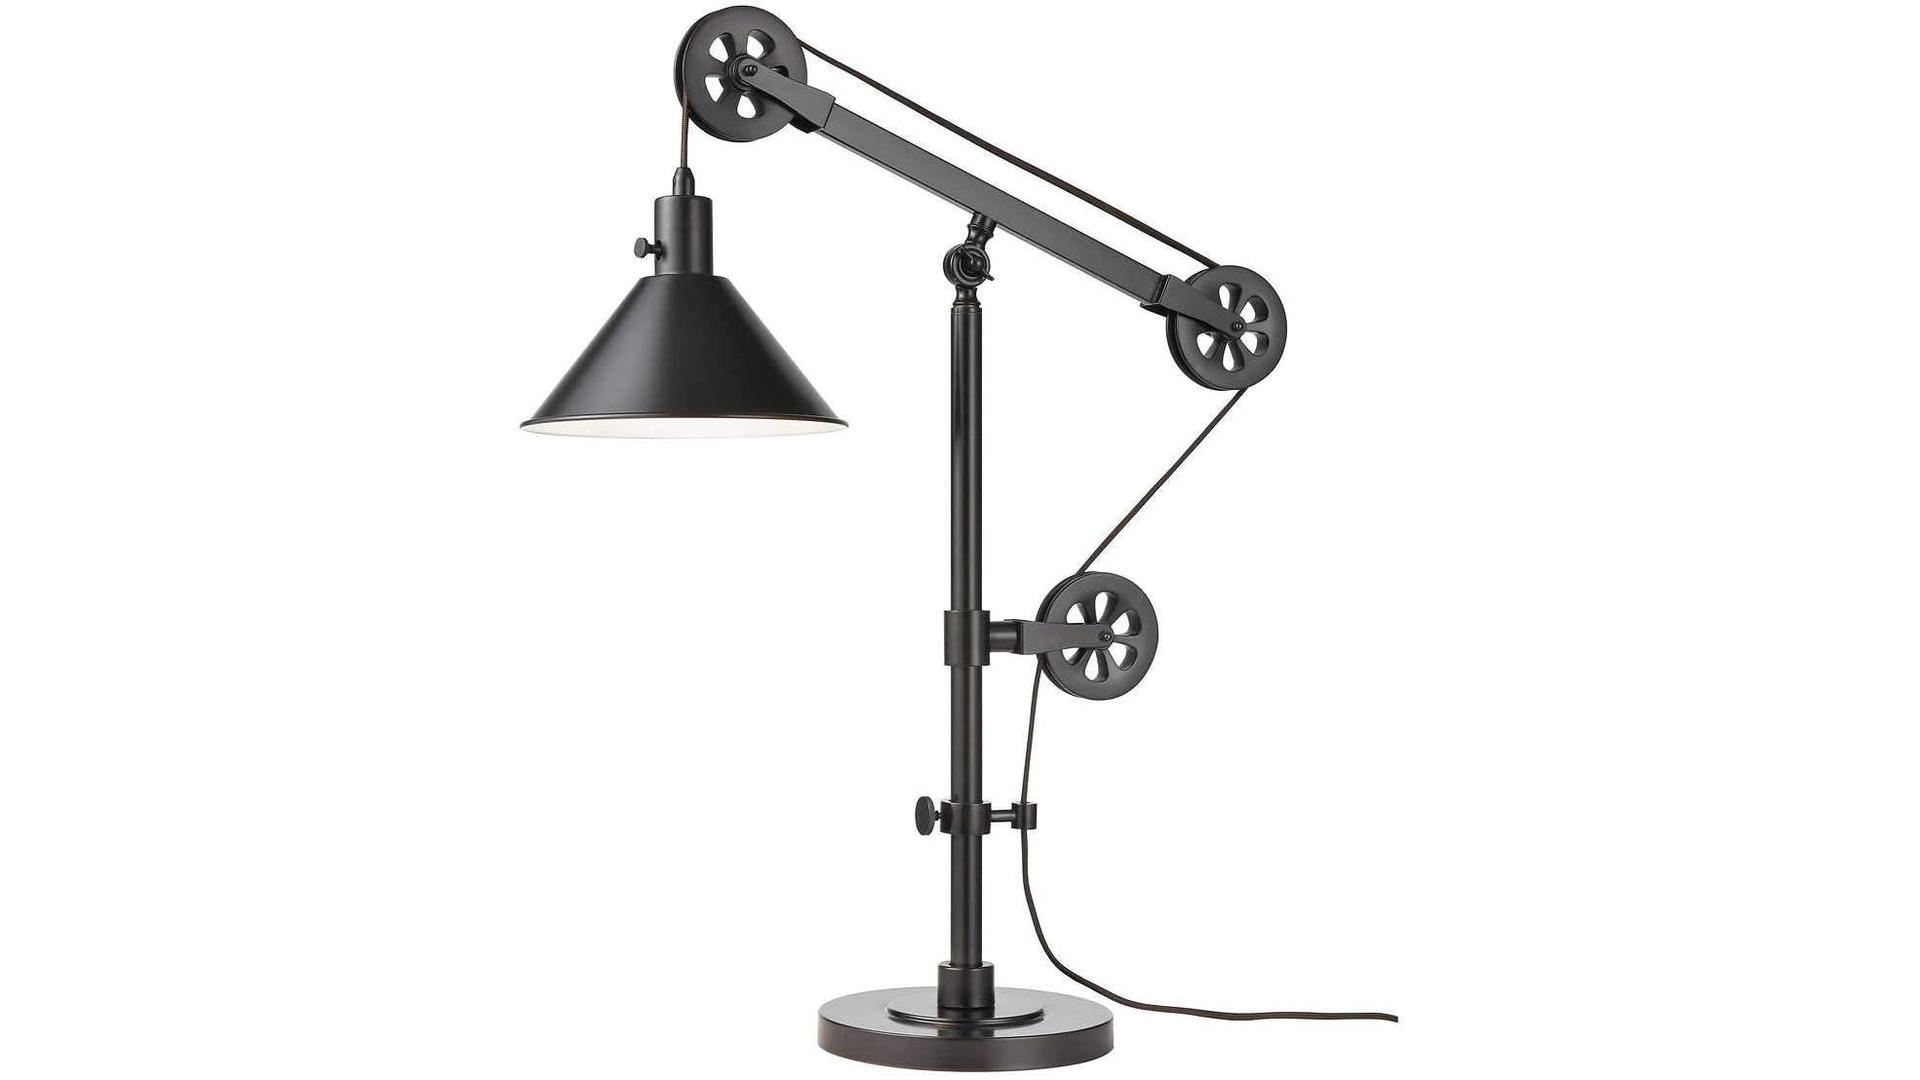 Bidgeport Desk Lamp 16x9